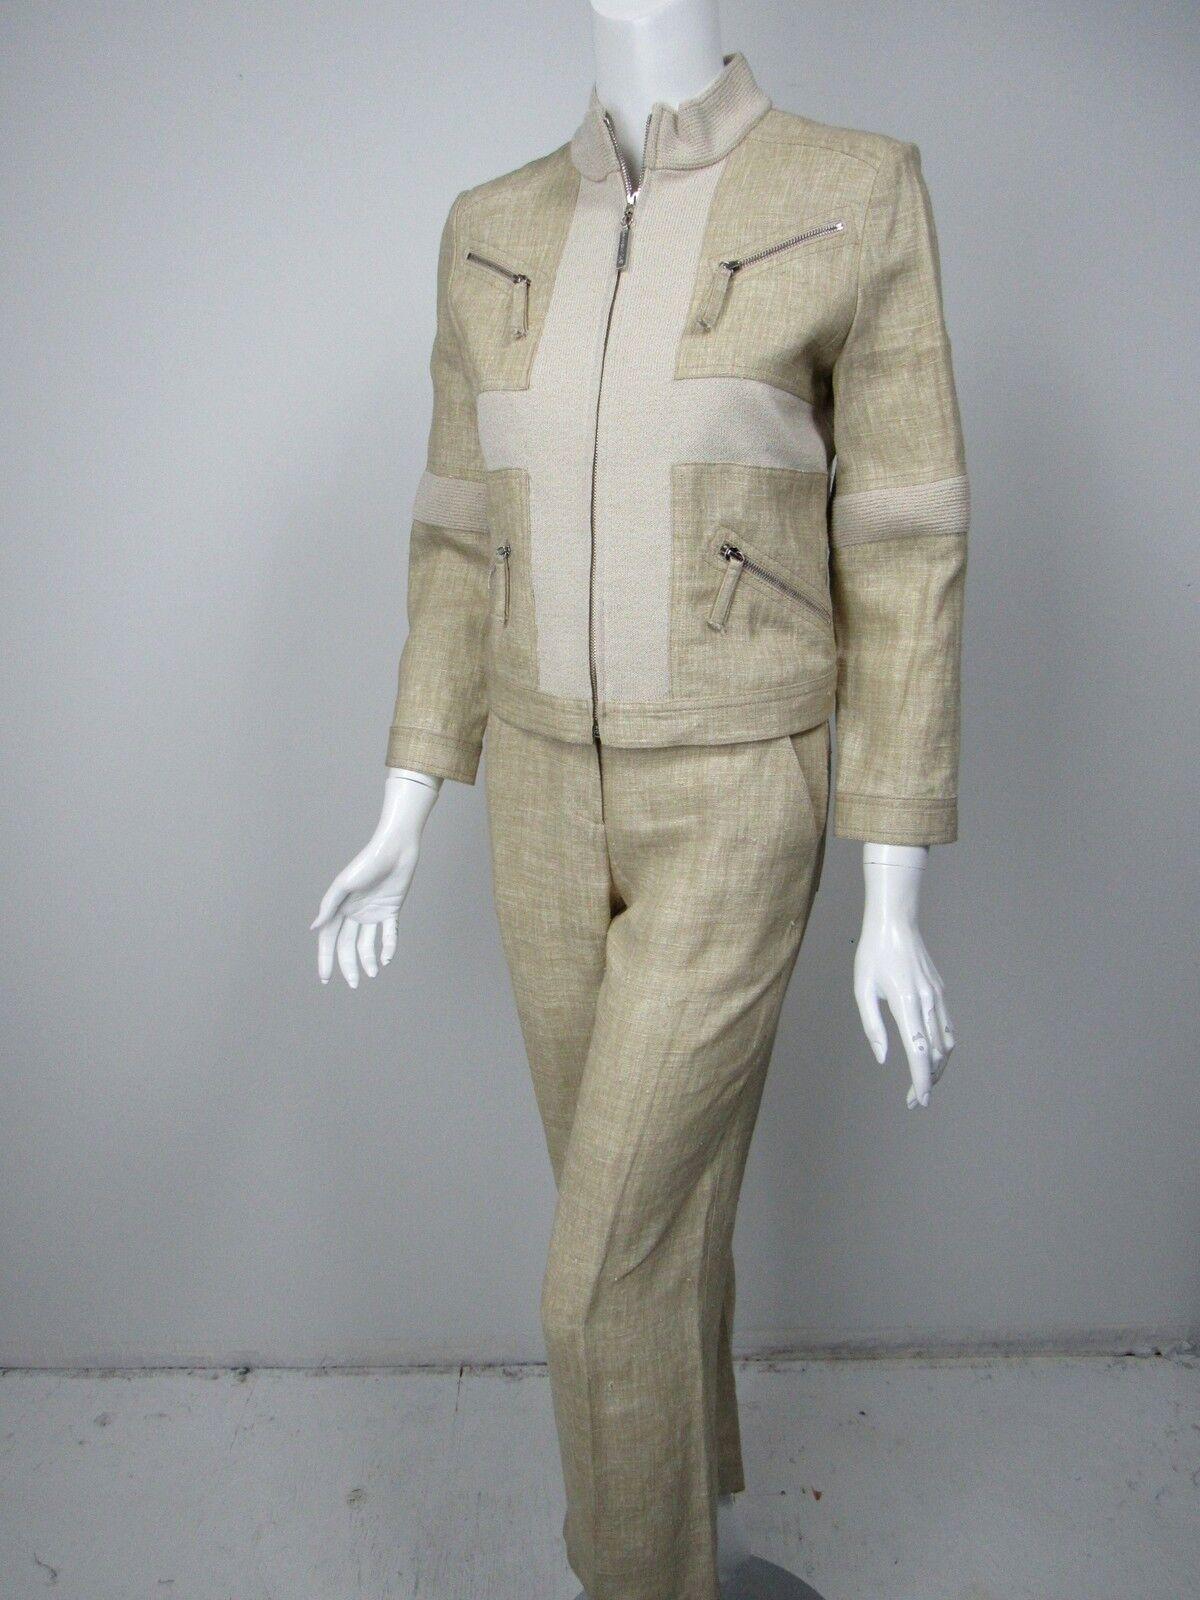 ST JOHN SPORT Light Beige Santana Knit Linen Zip Front Pants Suit sz XS 2